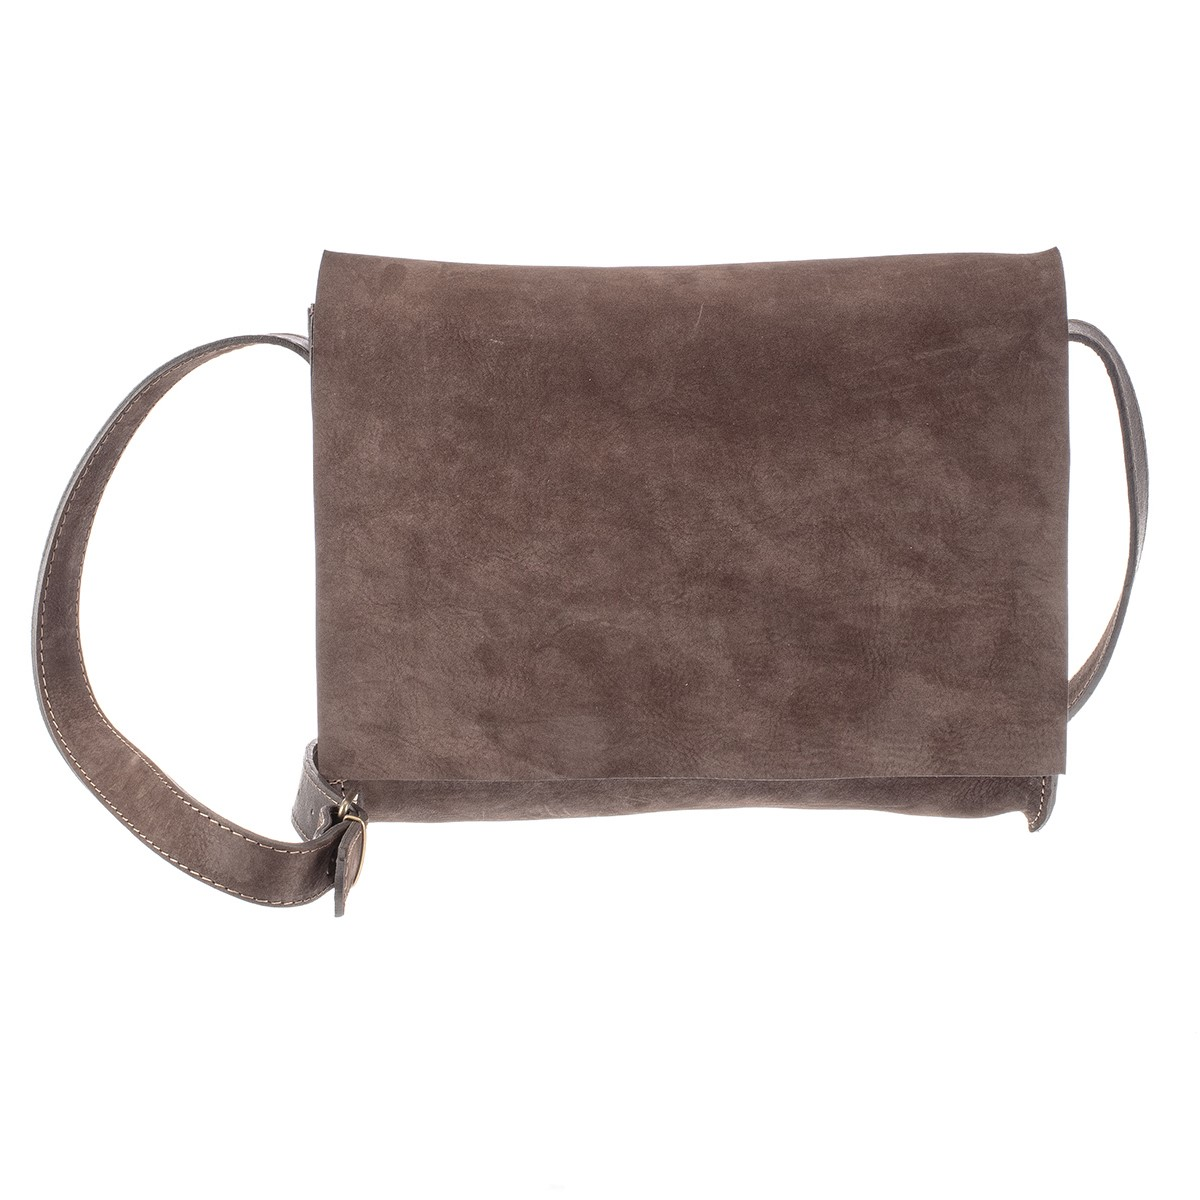 Česká dámská hnědá kožená kabelka Amálka - 576634-1